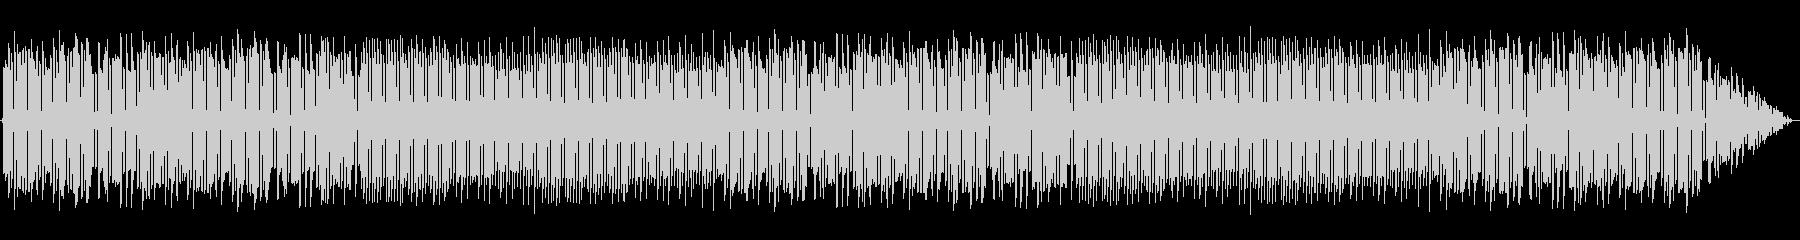 ファミコン風な明るめのループBGMの未再生の波形